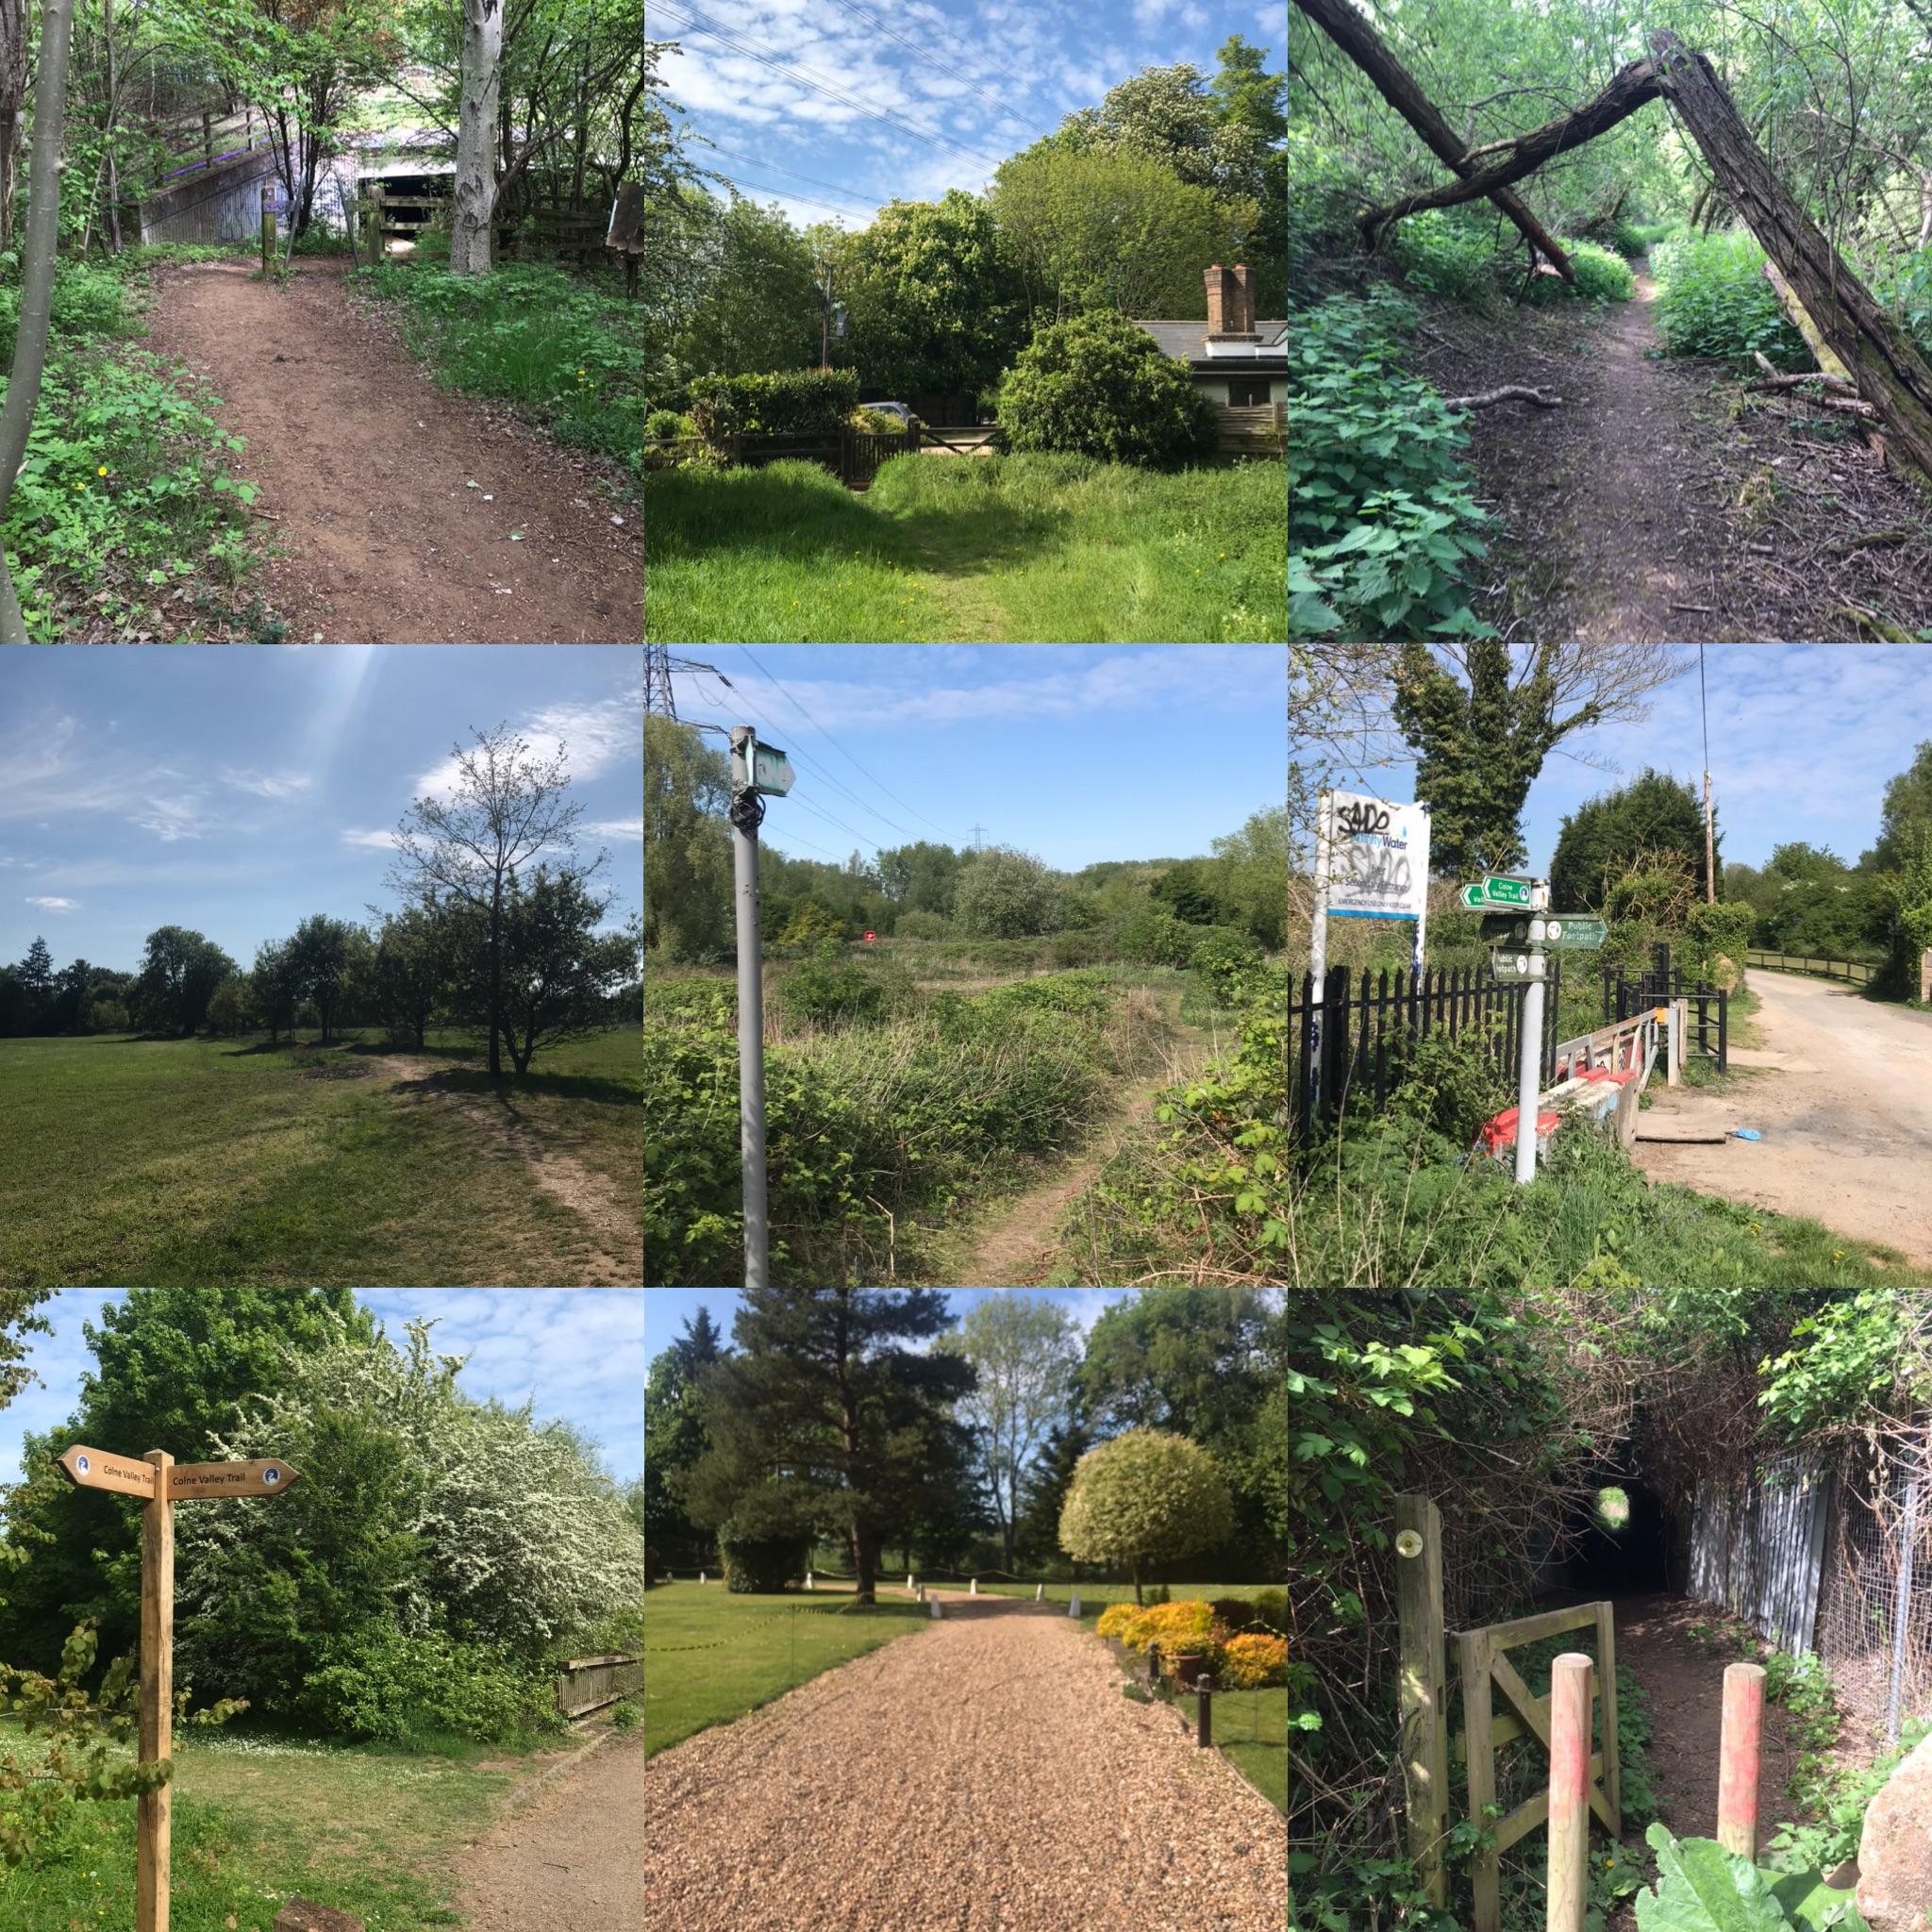 Local footpaths near Richings Park